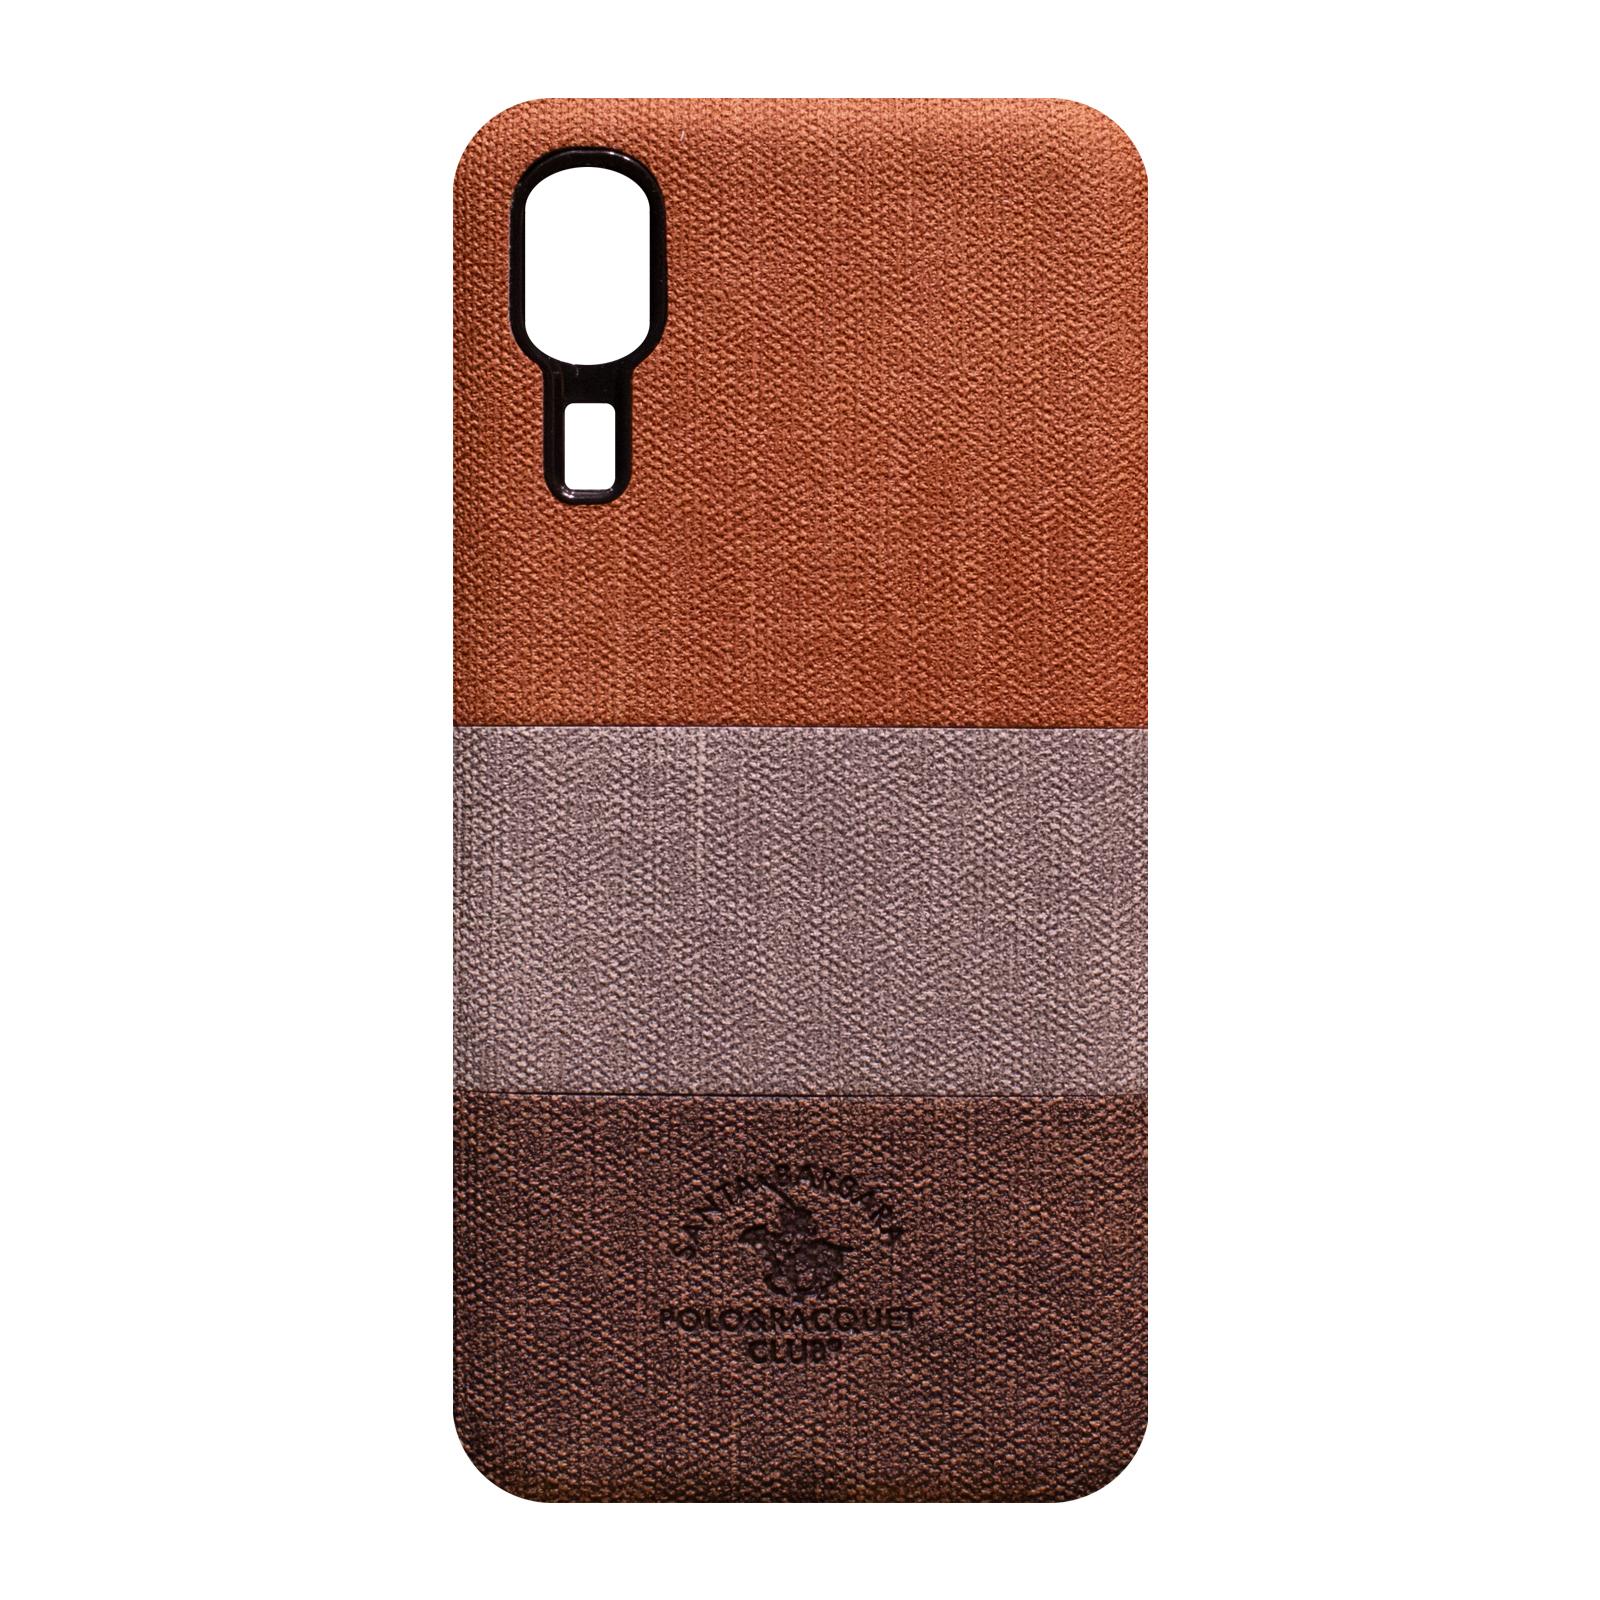 کاور مدل M-HB مناسب برای گوشی موبایل سامسونگ Galaxy A2 CORE